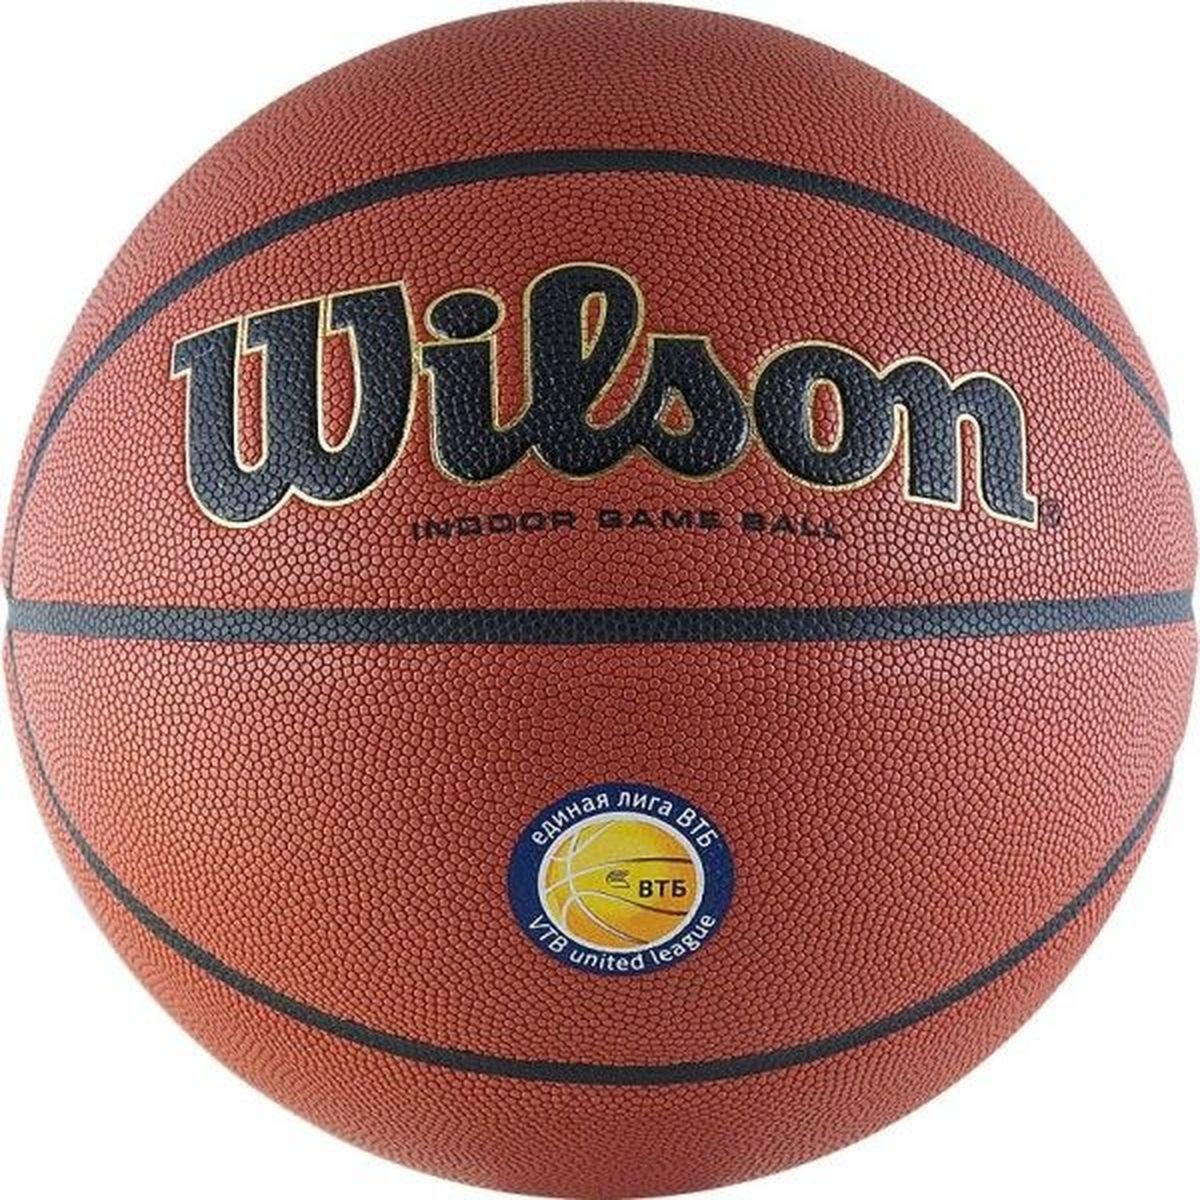 Мяч баскетбольный Wilson Vtb24 Game Sz7, цвет: рыжий. Размер: 765160042Эксклюзивный мяч с особым кожаным покрытием, с революционными влагопоглощающими канальцами, технологией Cushion Core, созданный для игры высшего класса. С логотипом ВТБ24